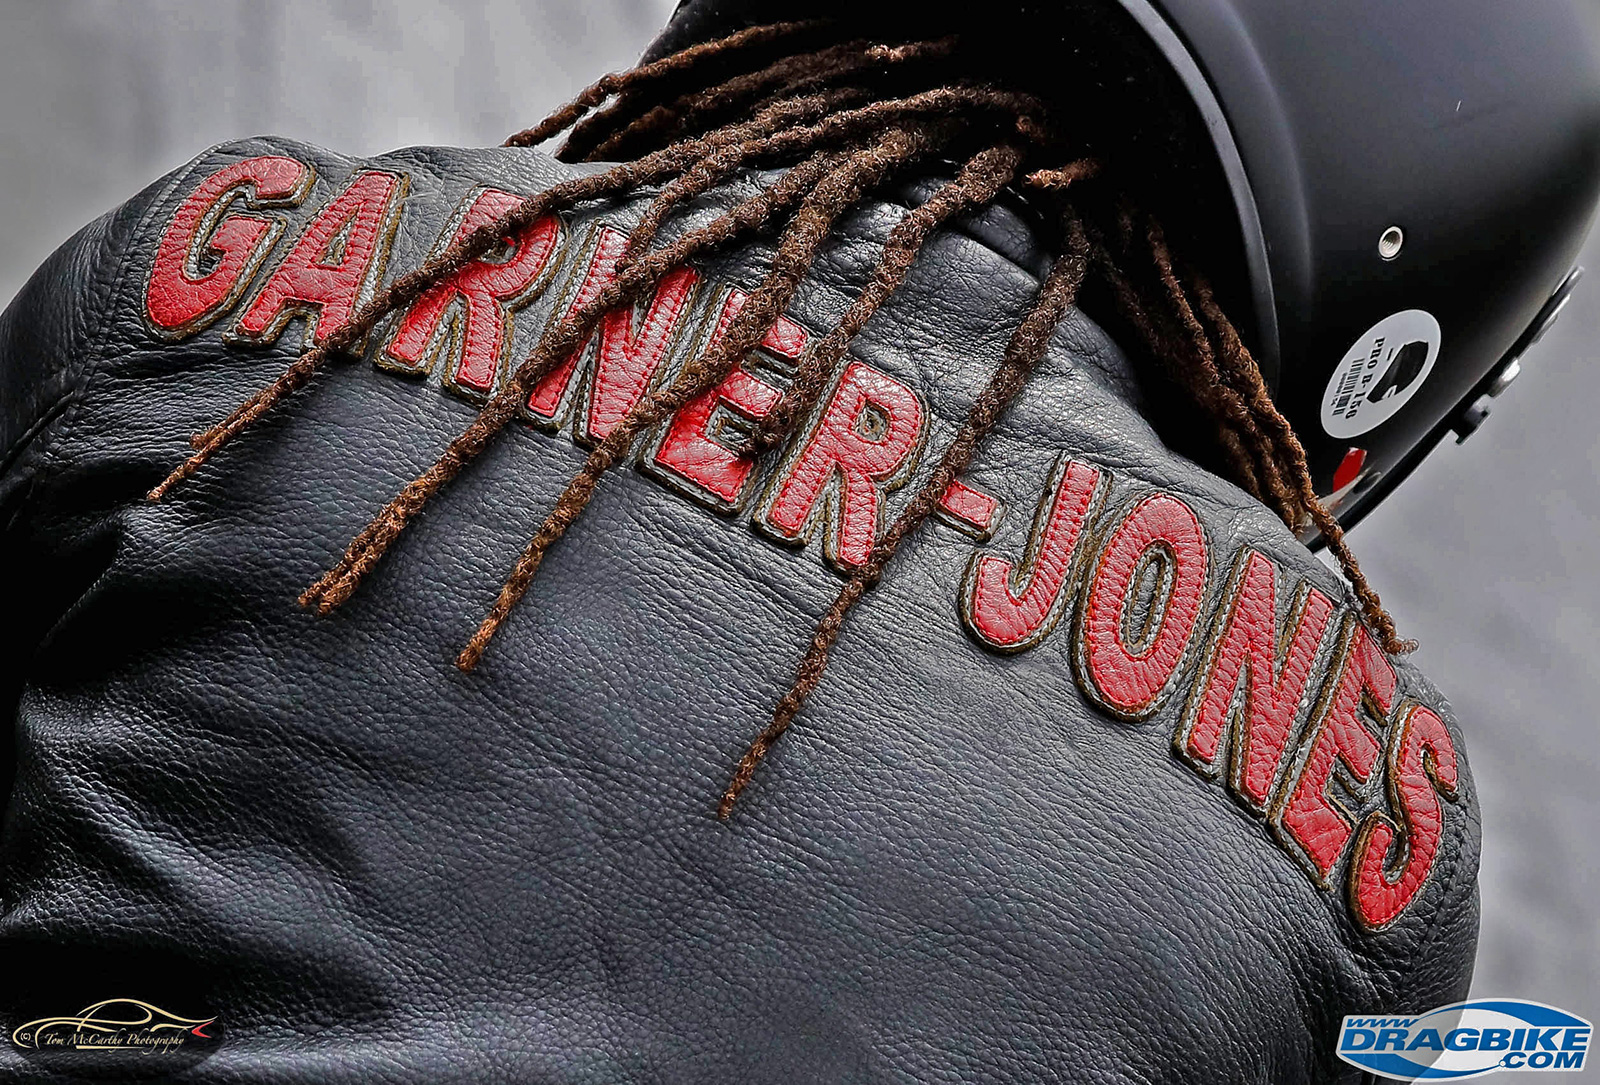 Chris Garner-Jones